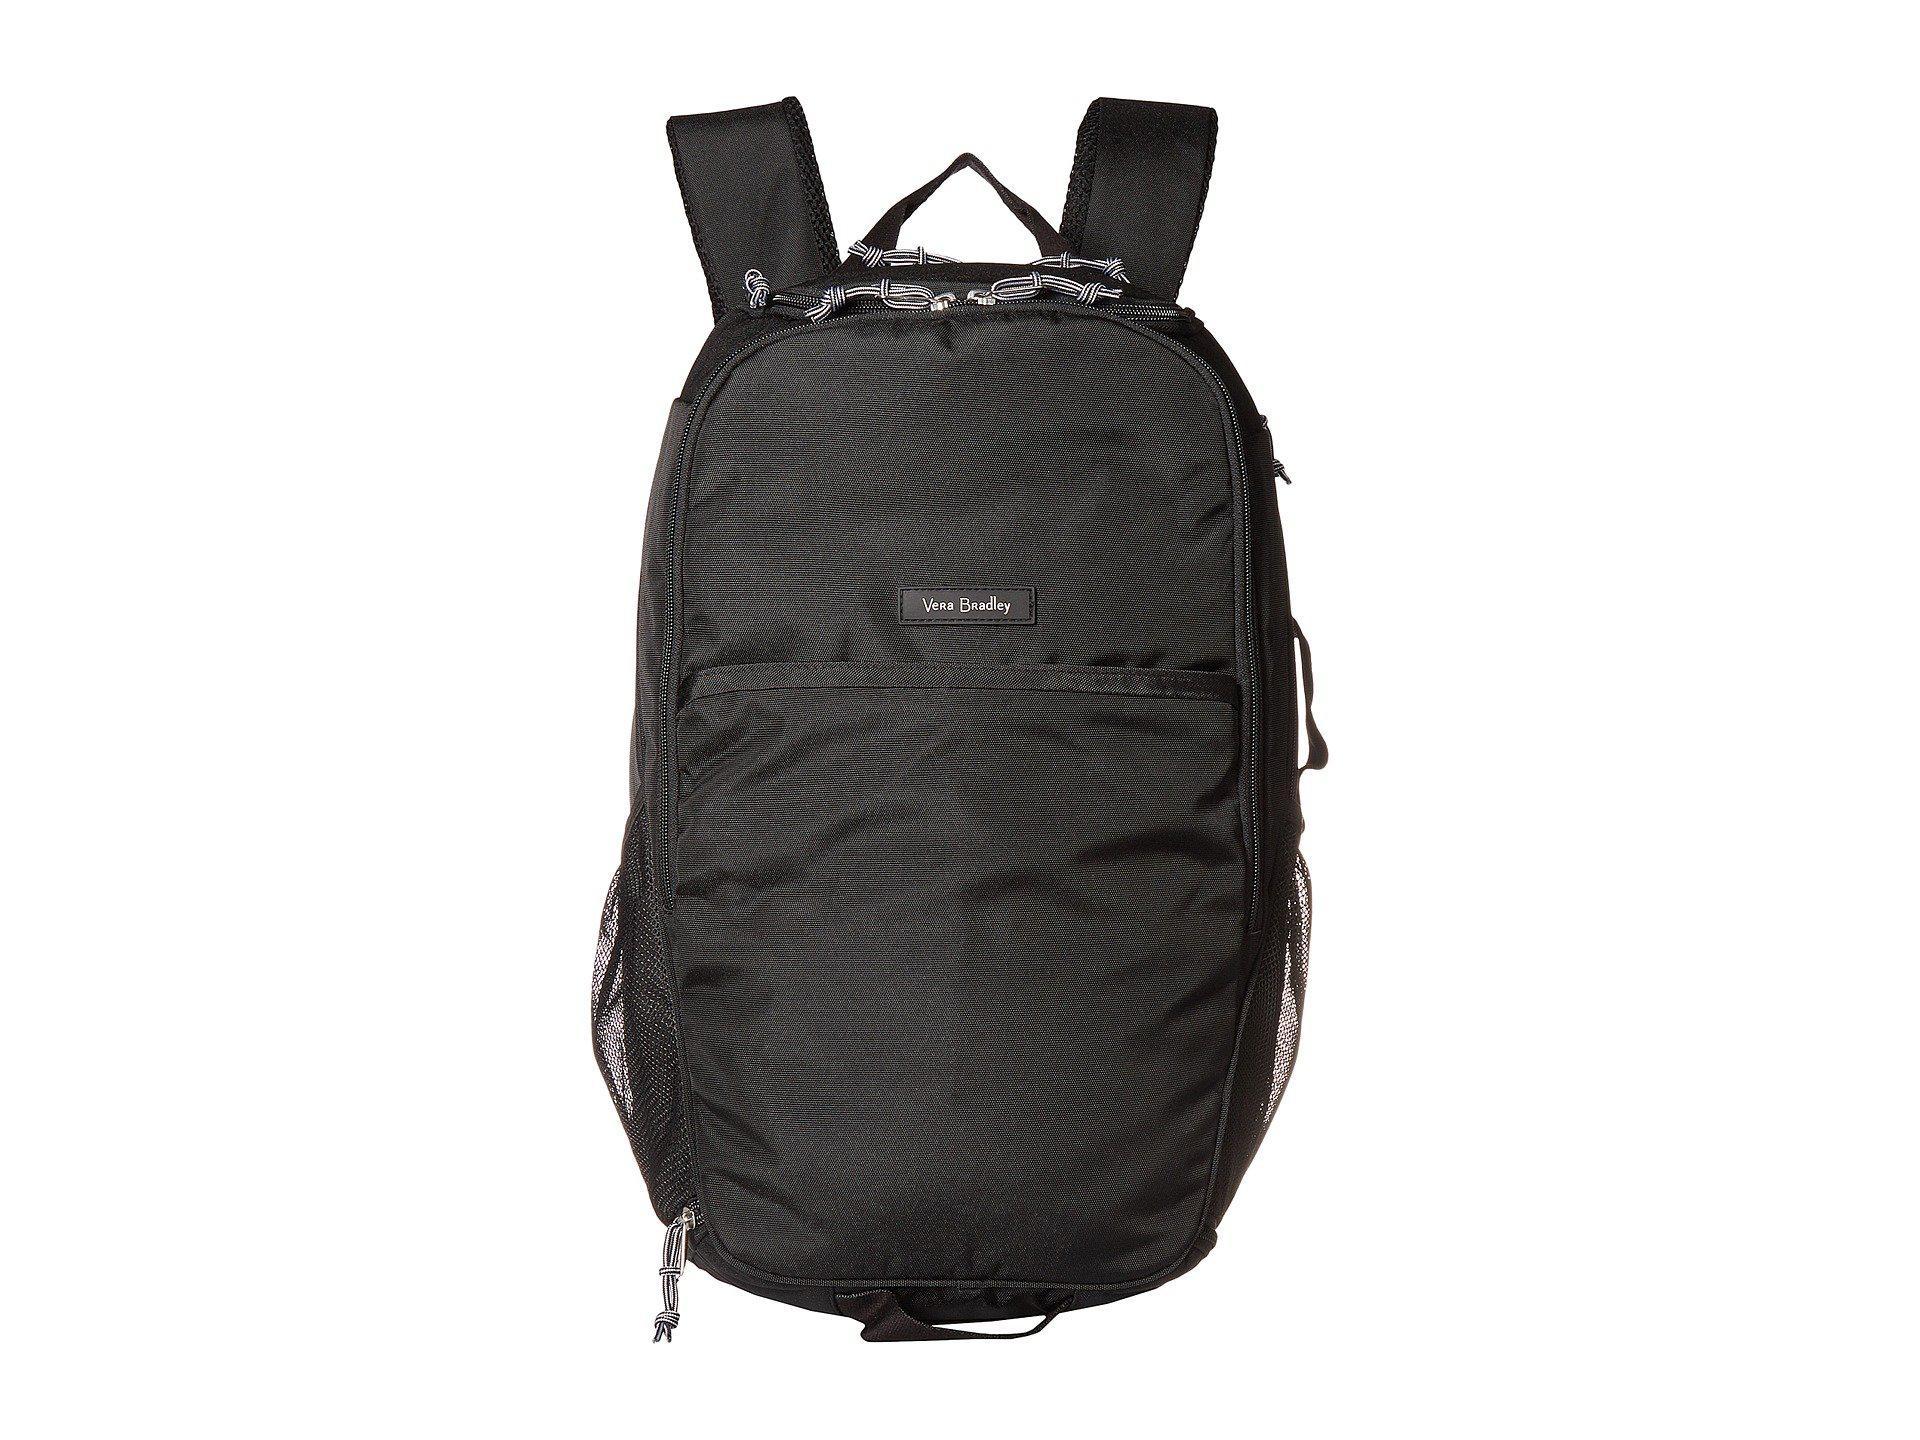 cdc37b8af9 Lyst - Vera Bradley Lighten Up Journey Backpack (black) Backpack ...